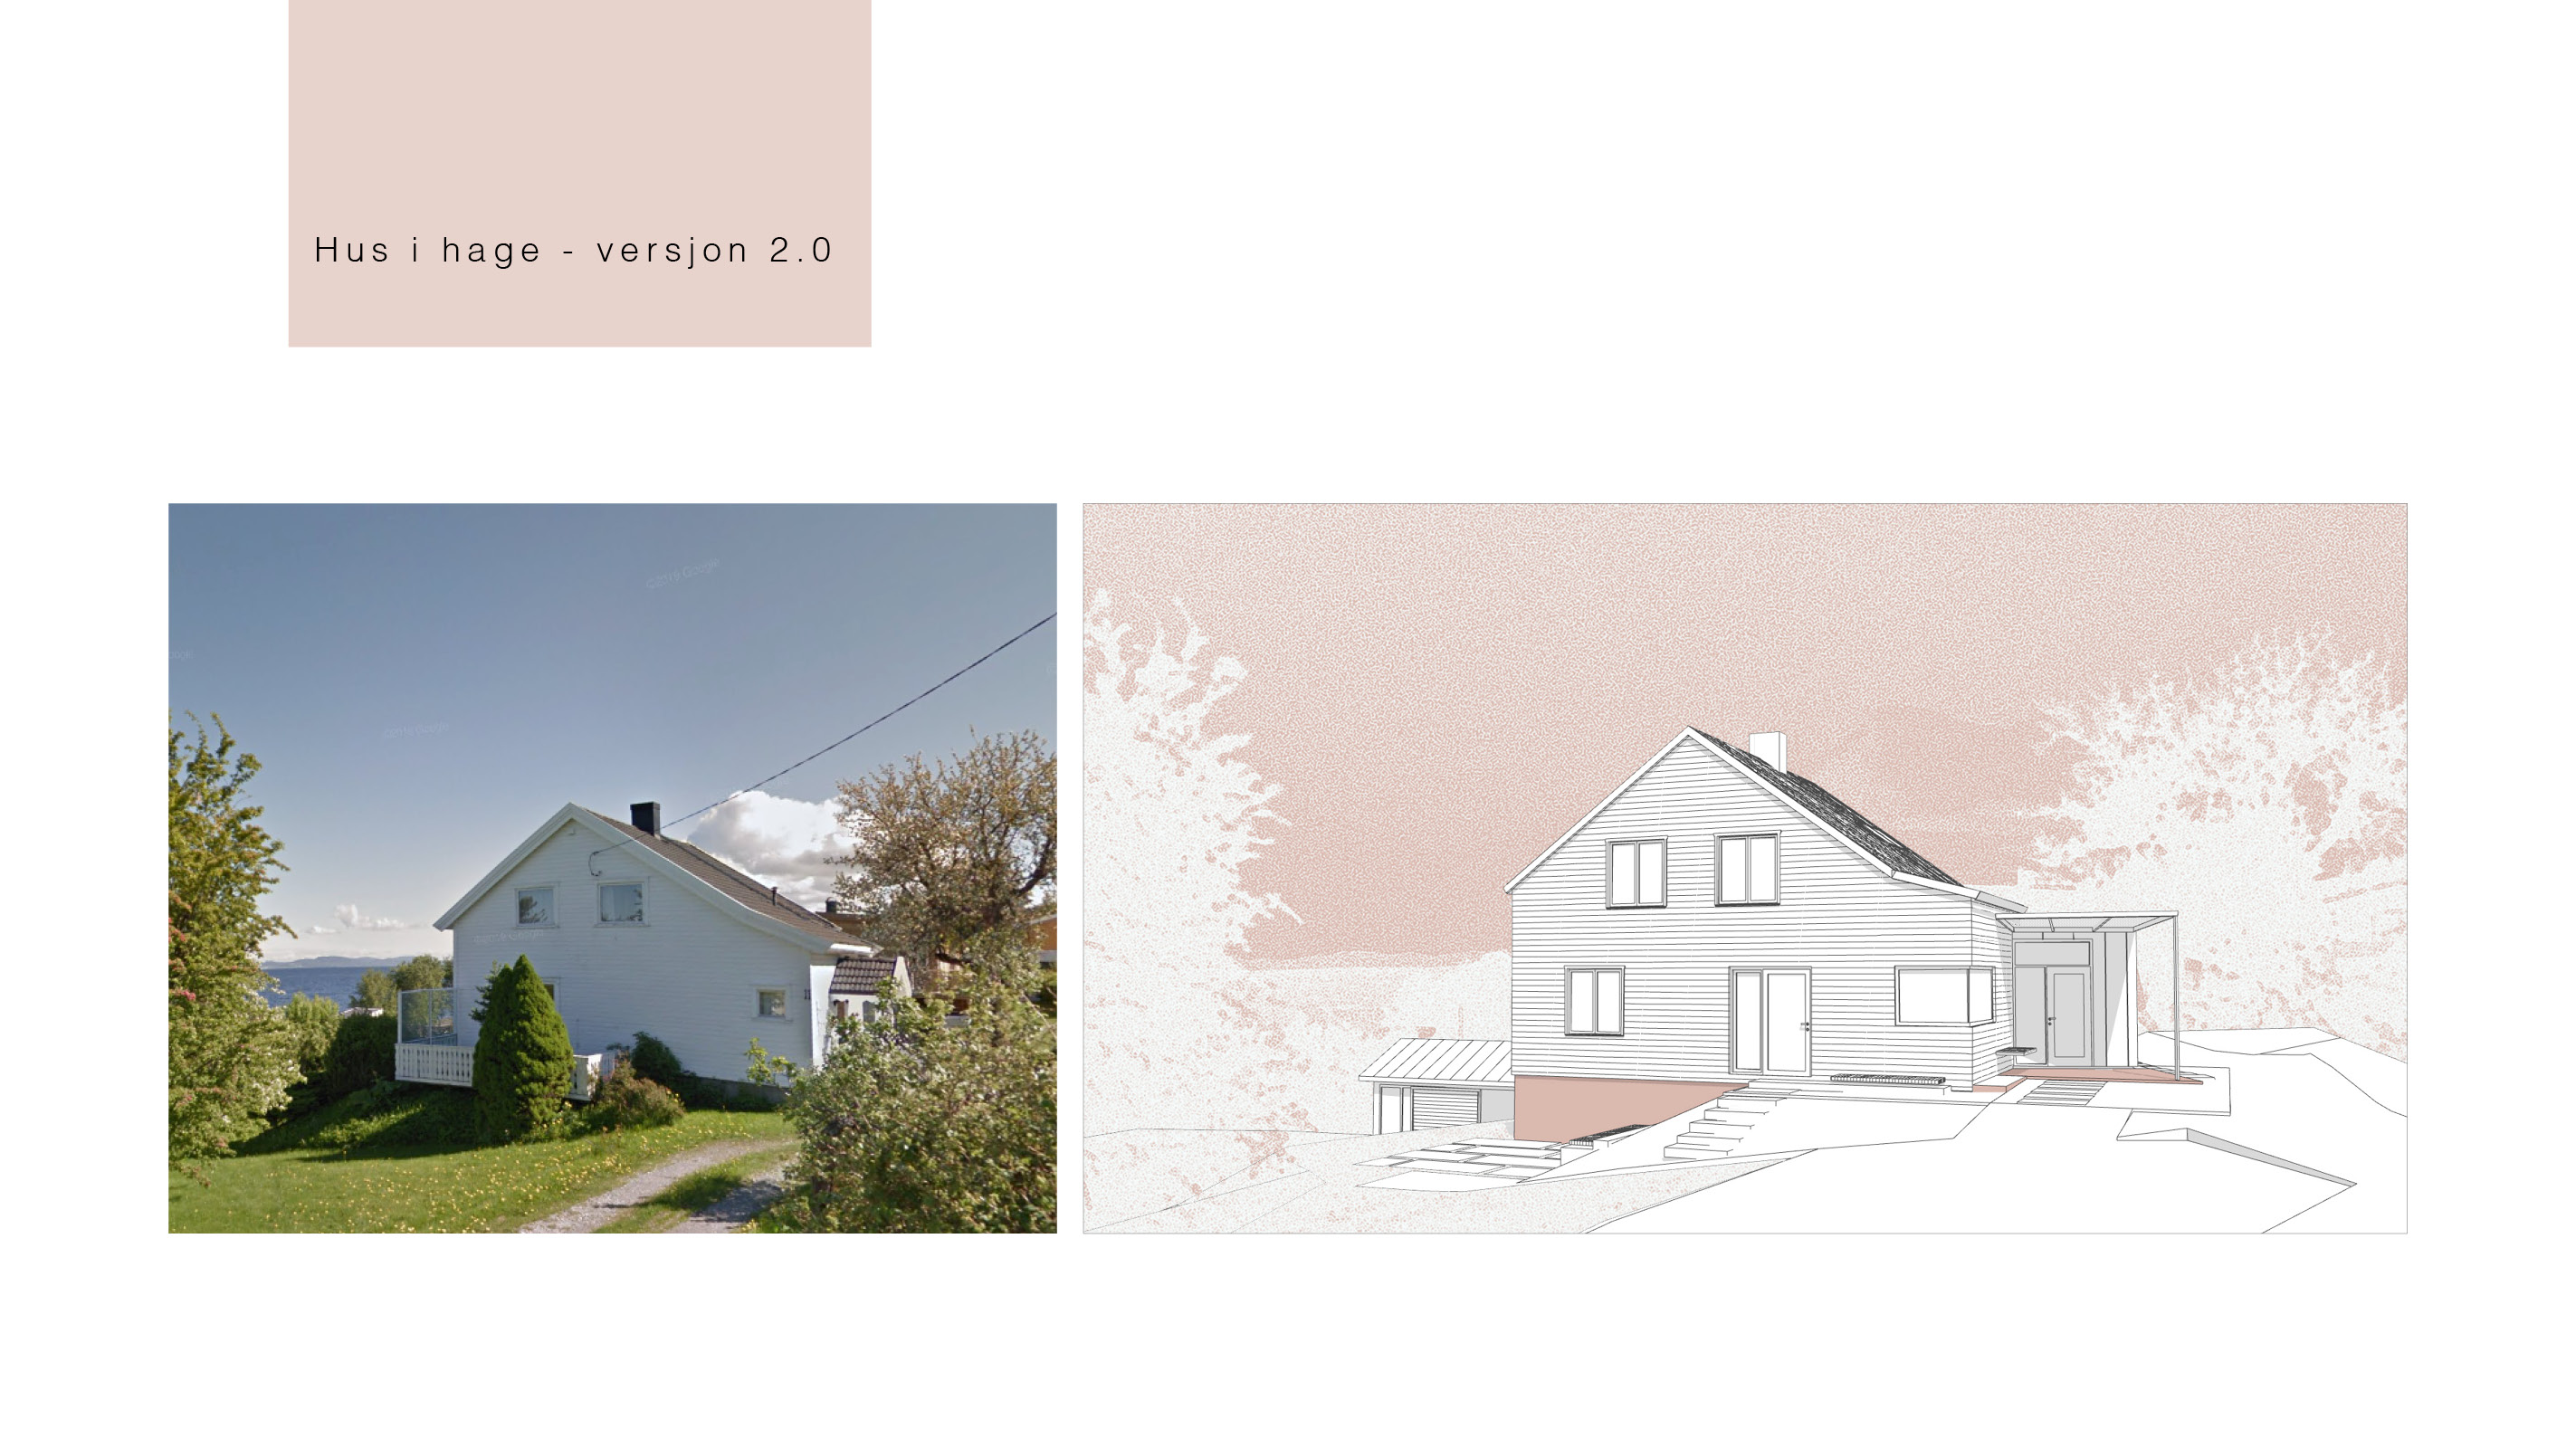 Hus i hage 2.0